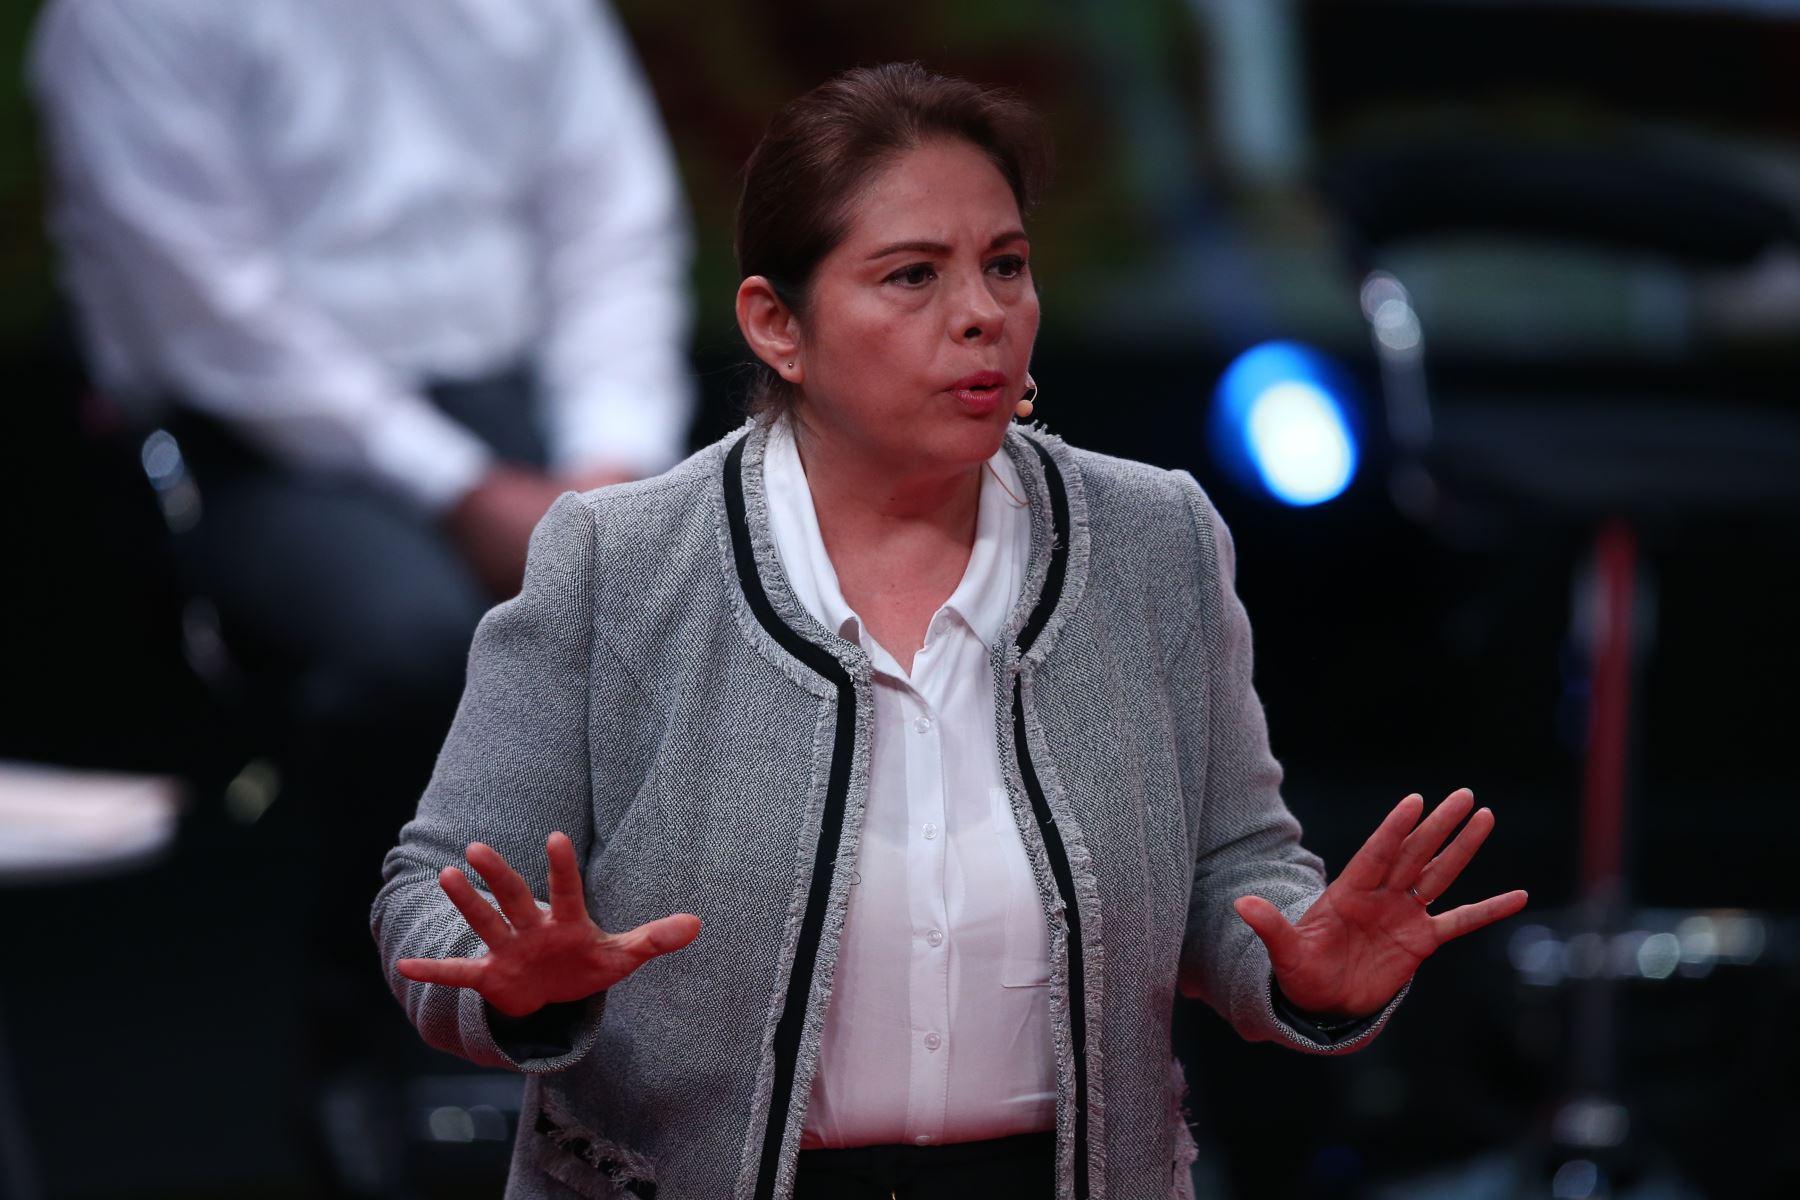 Beatríz Mejía de Avanza País participa en debate. Foto: ANDINA/Vidal Tarqui